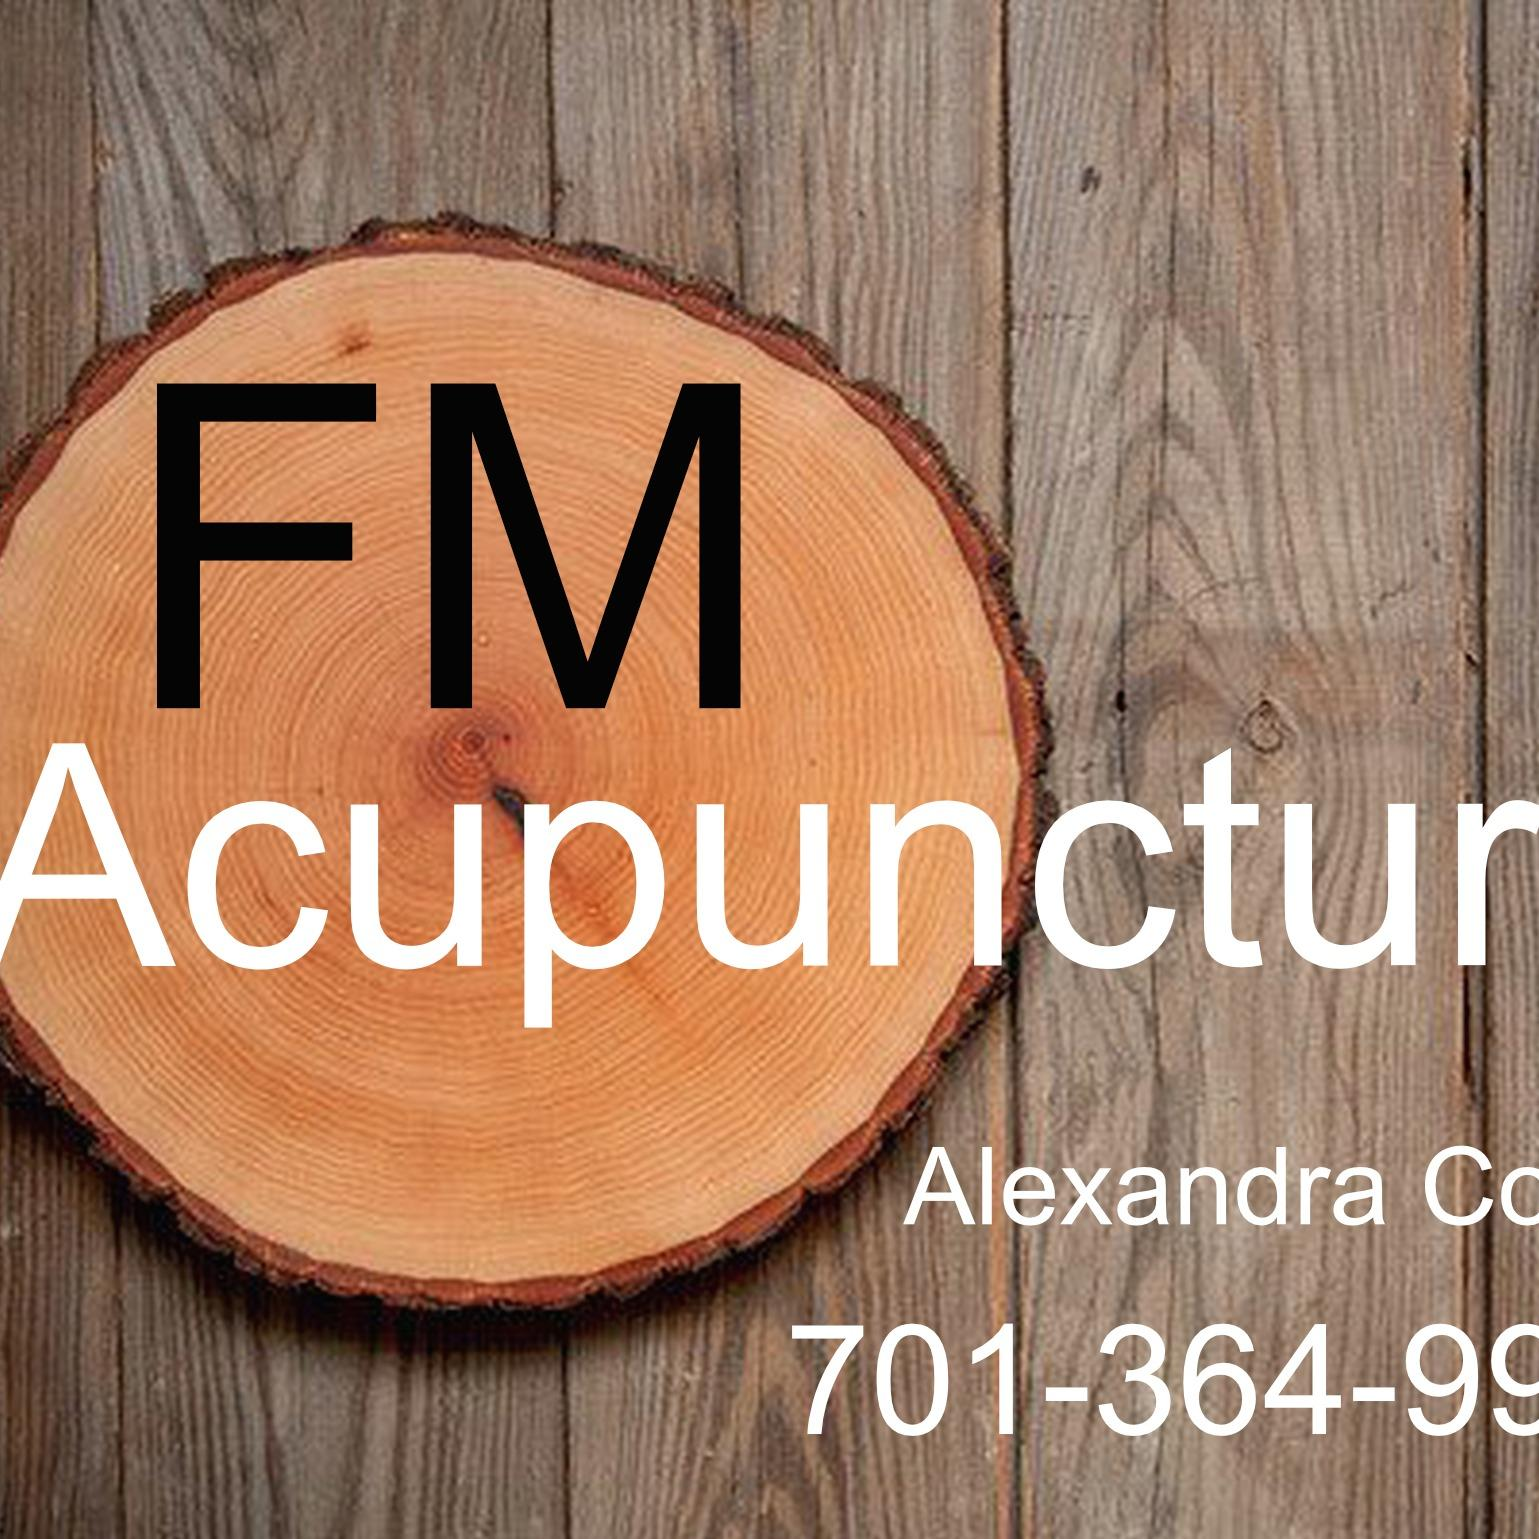 FM Acupuncture